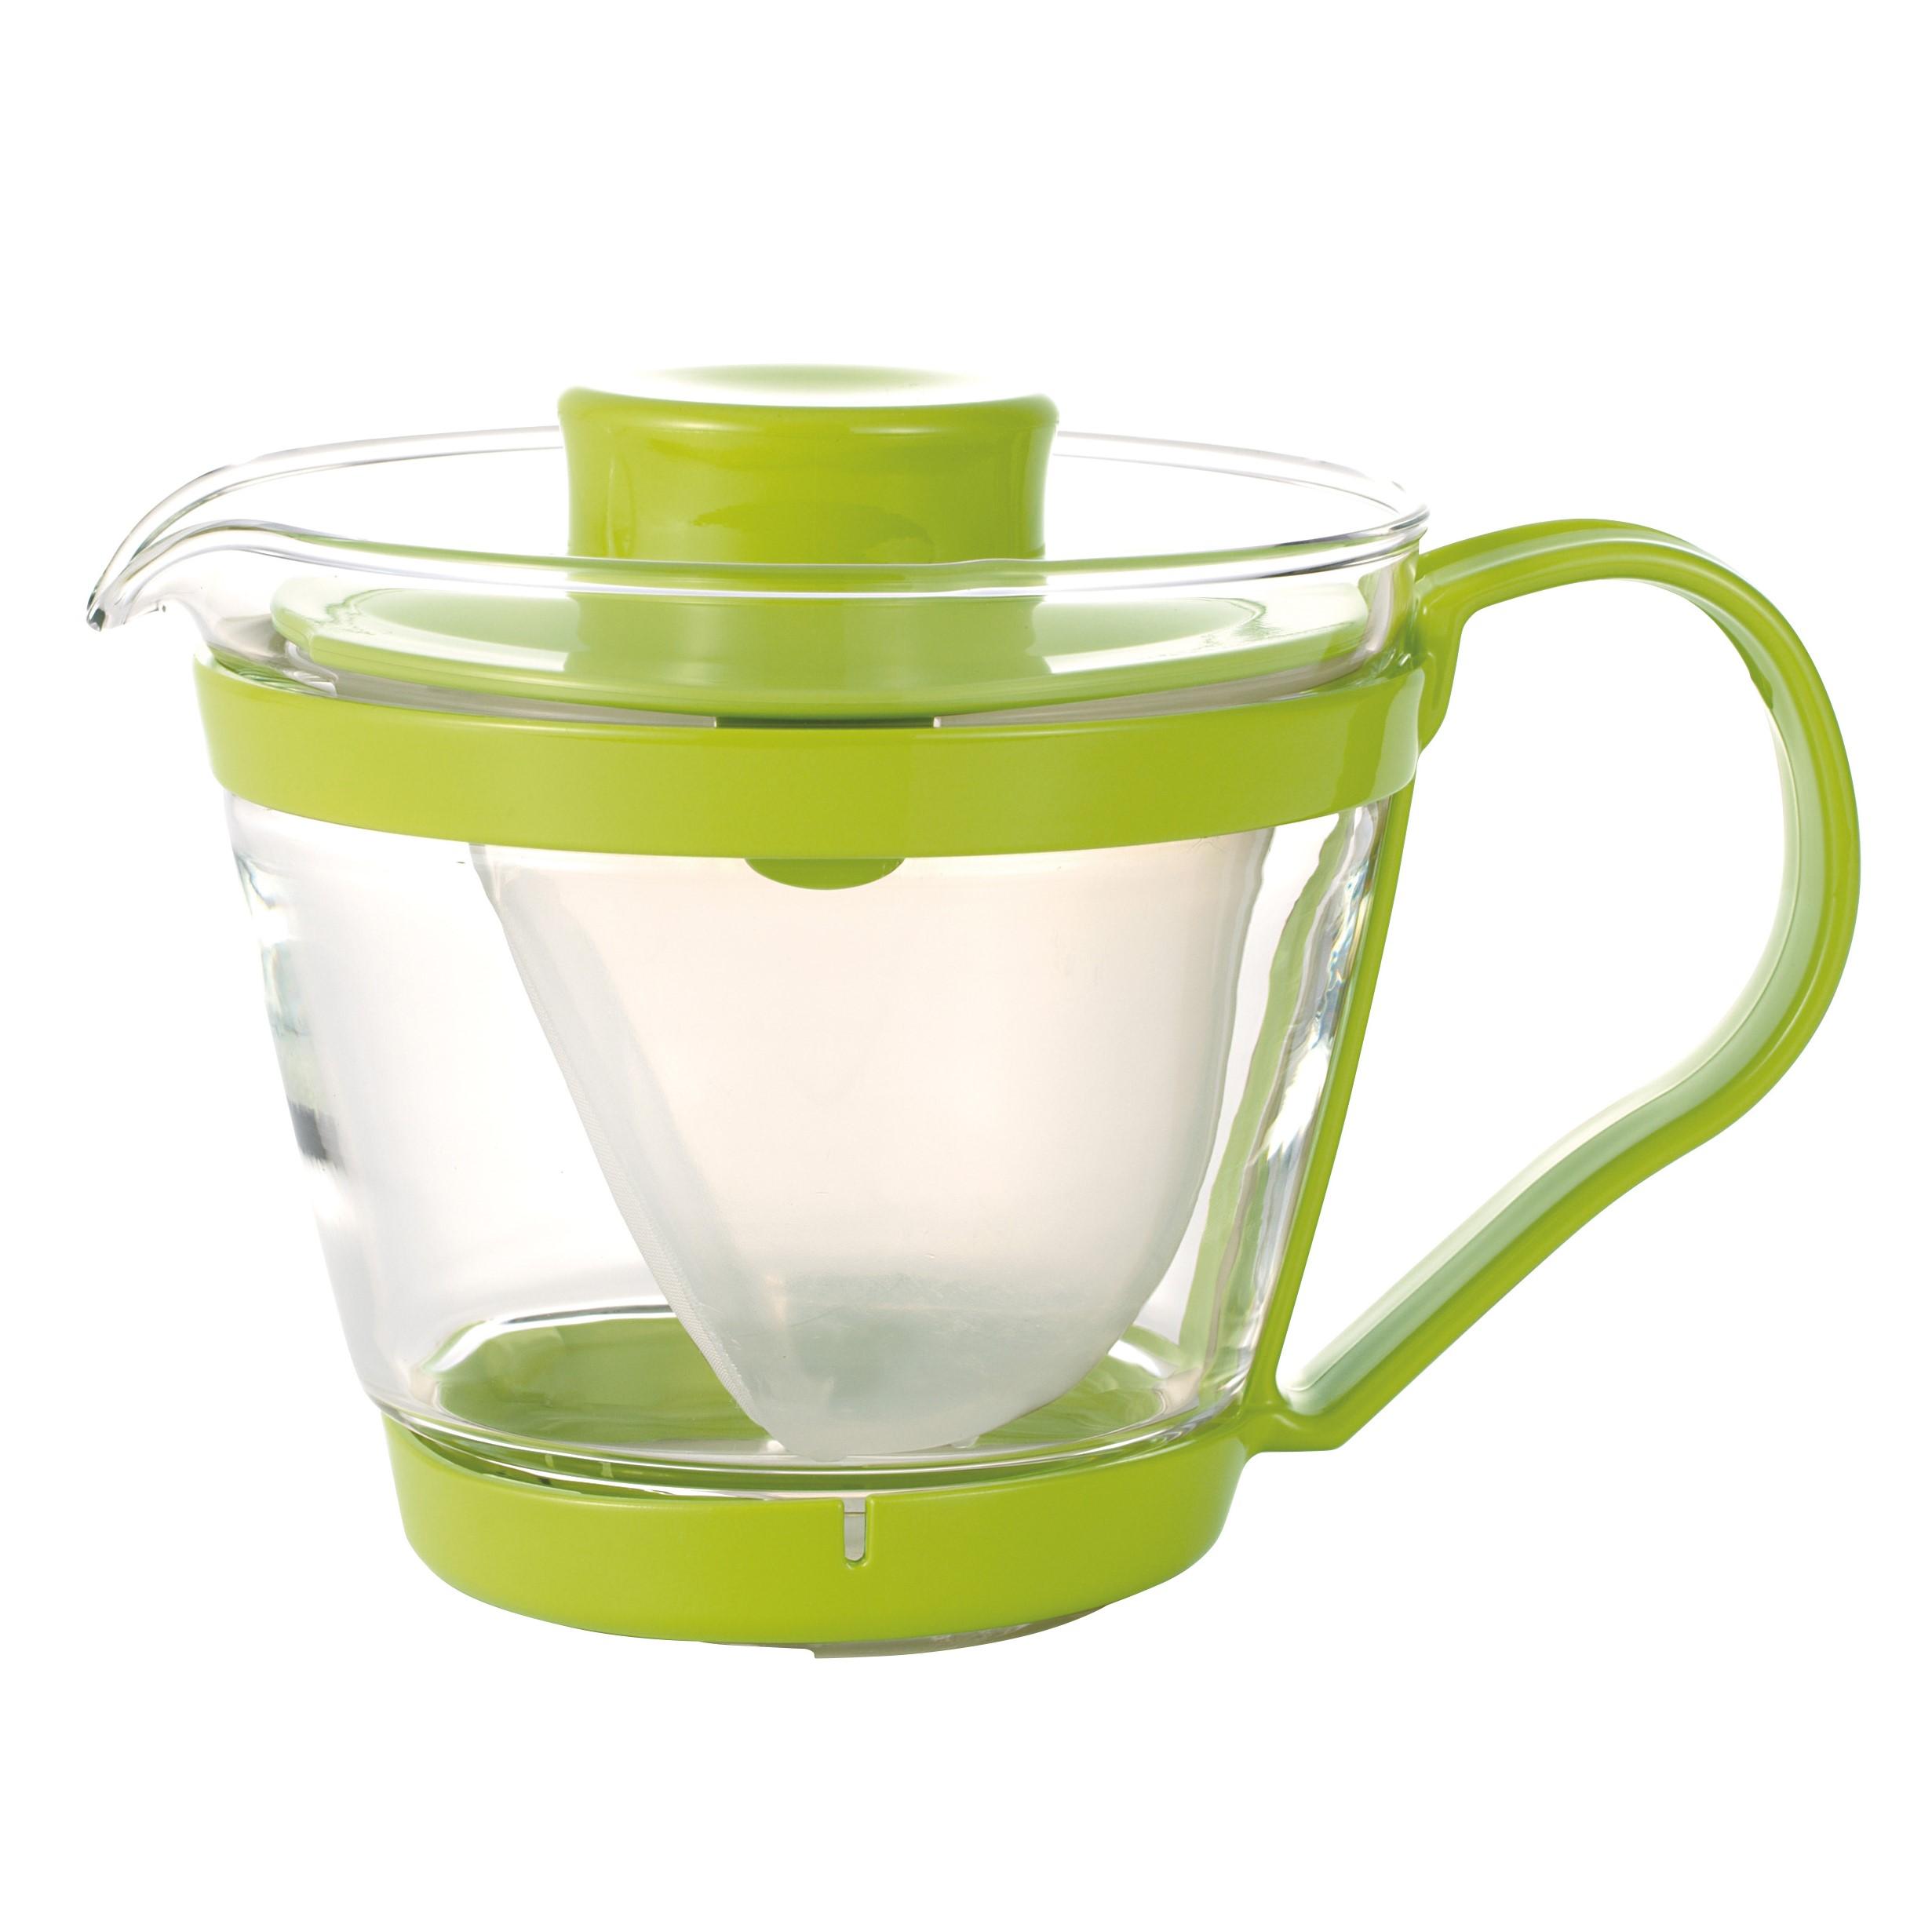 レンジのポット・茶器